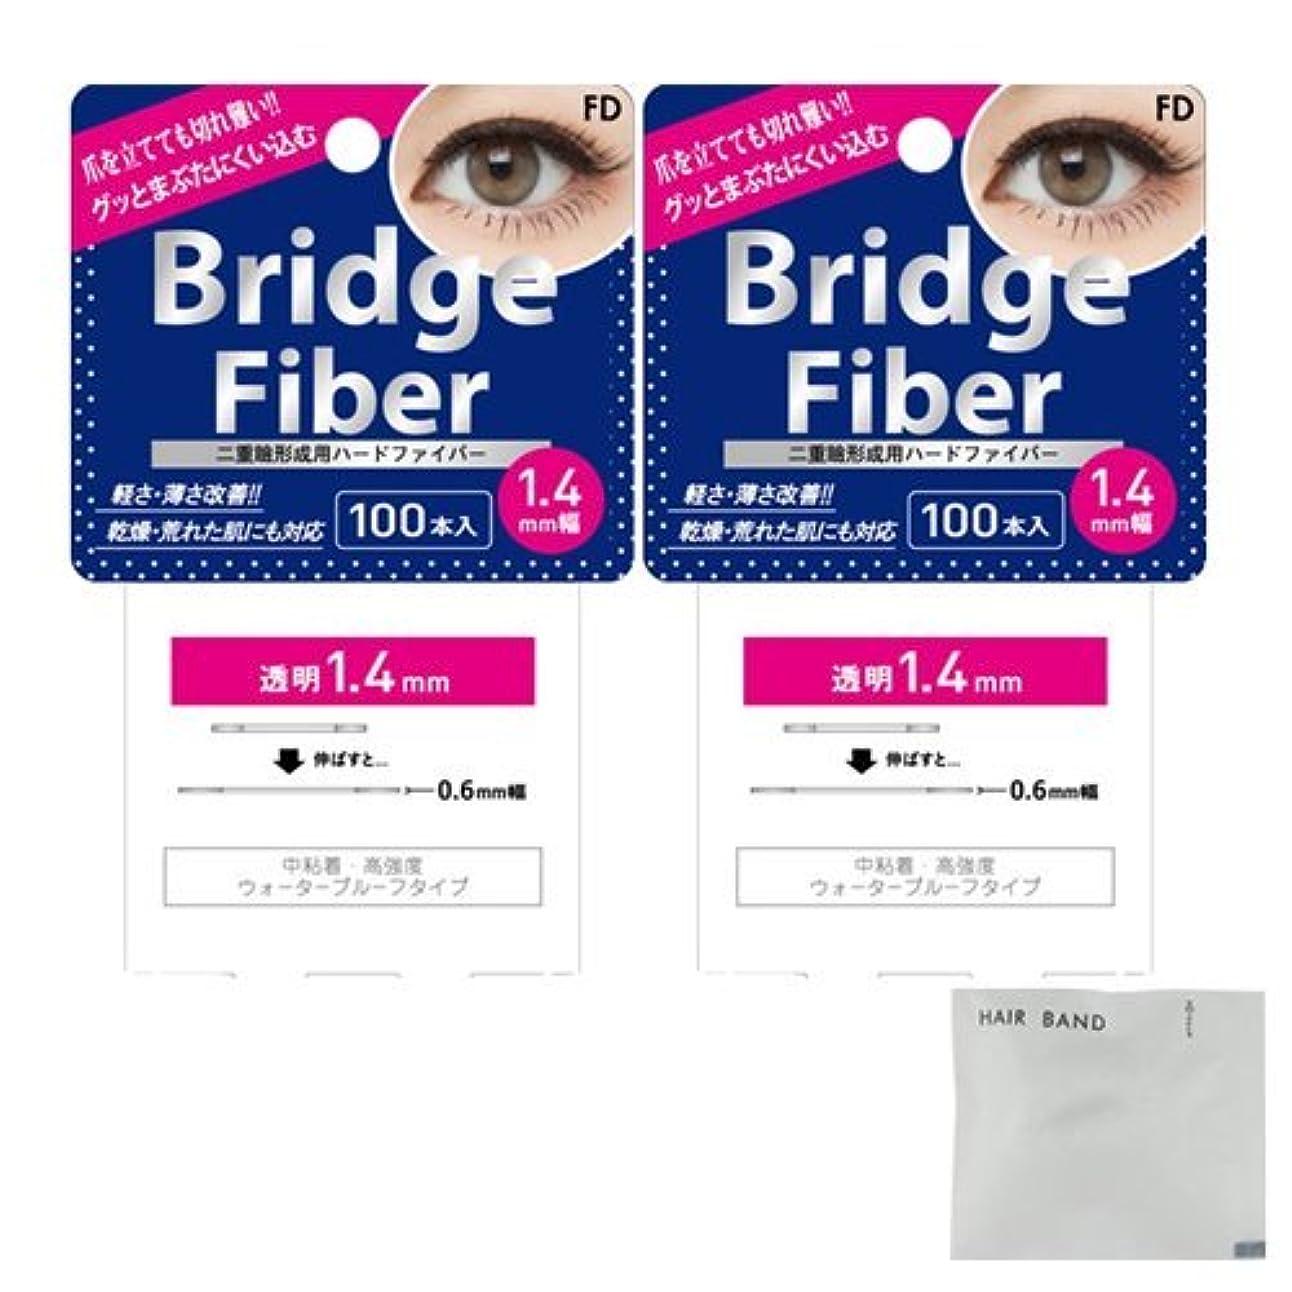 砂利無意味カメラFD ブリッジファイバーⅡ (Bridge Fiber) クリア1.4mm×2個 + ヘアゴム(カラーはおまかせ)セット